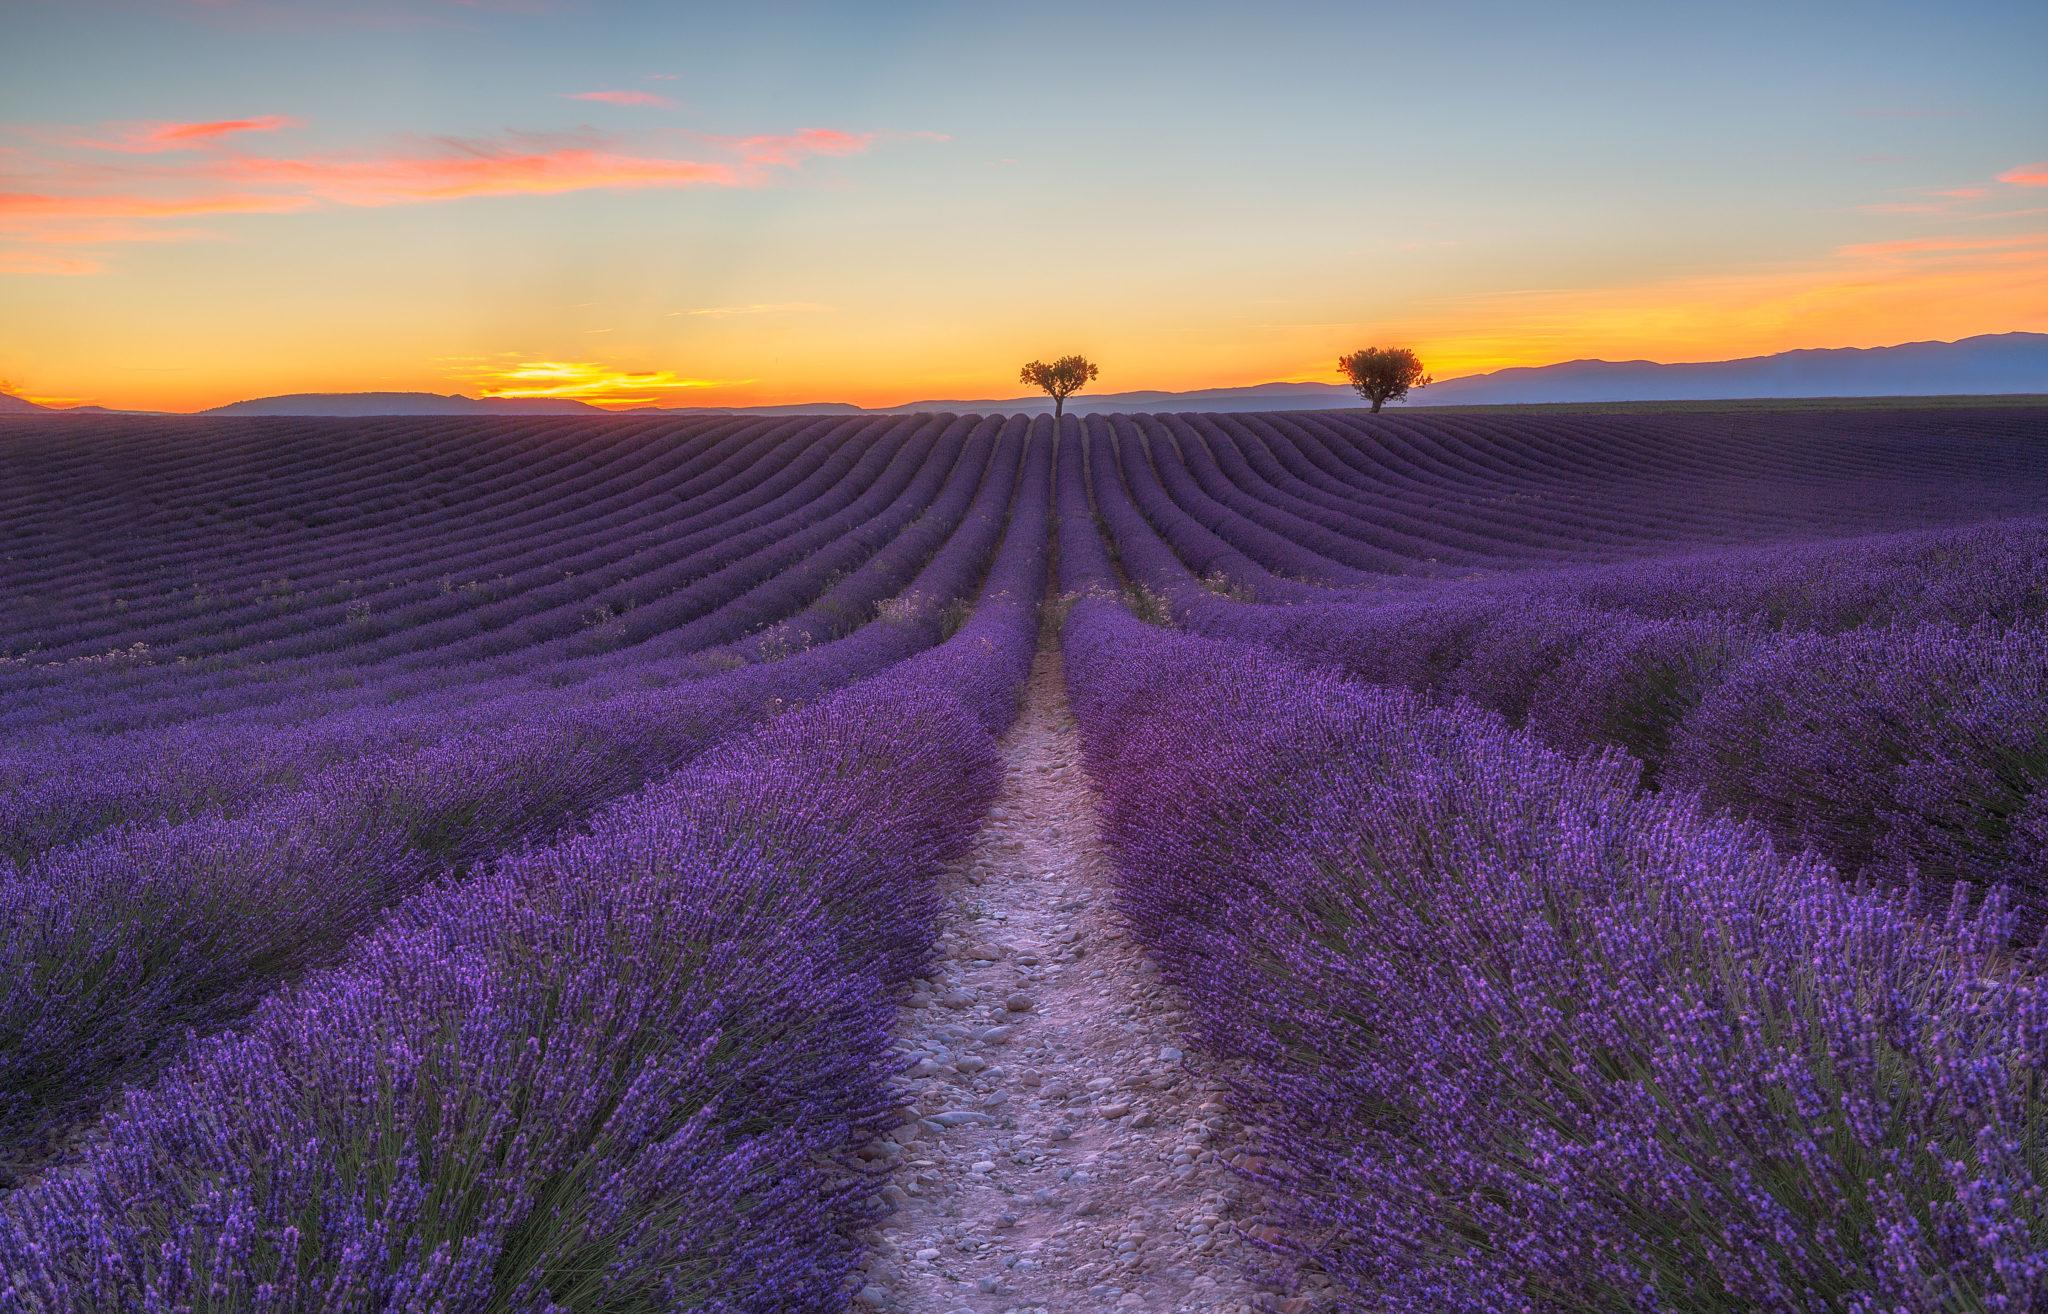 Sonnenuntergang über den Lavendelfelder von Valensole, von Fabio Crudele, ISKS Künstler 2017